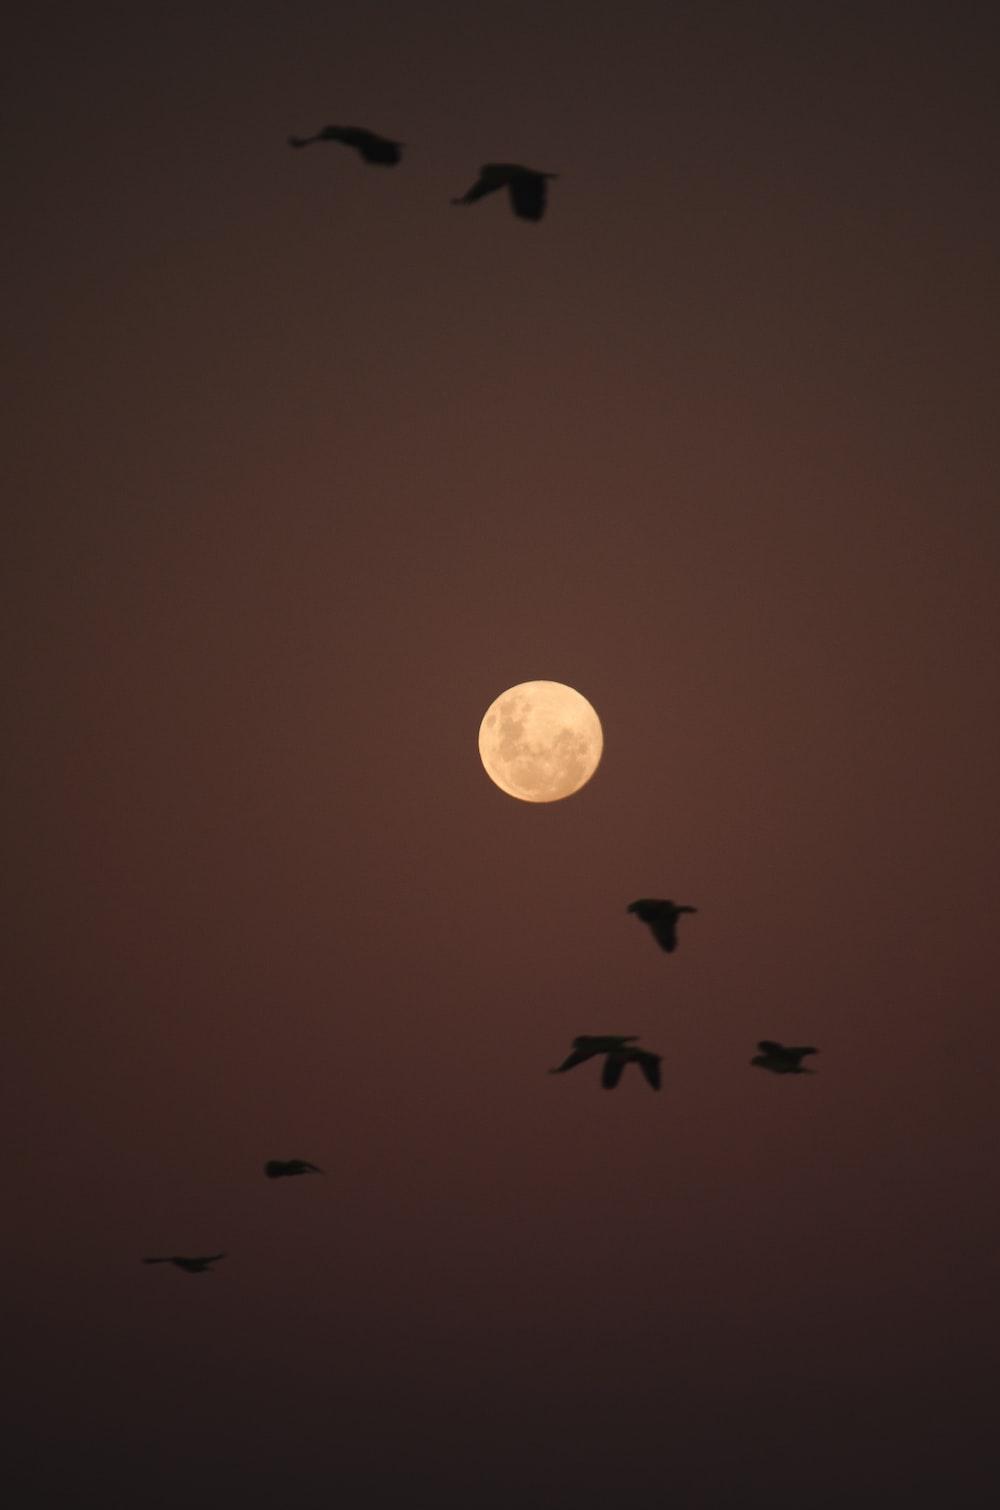 birds flying under full moon